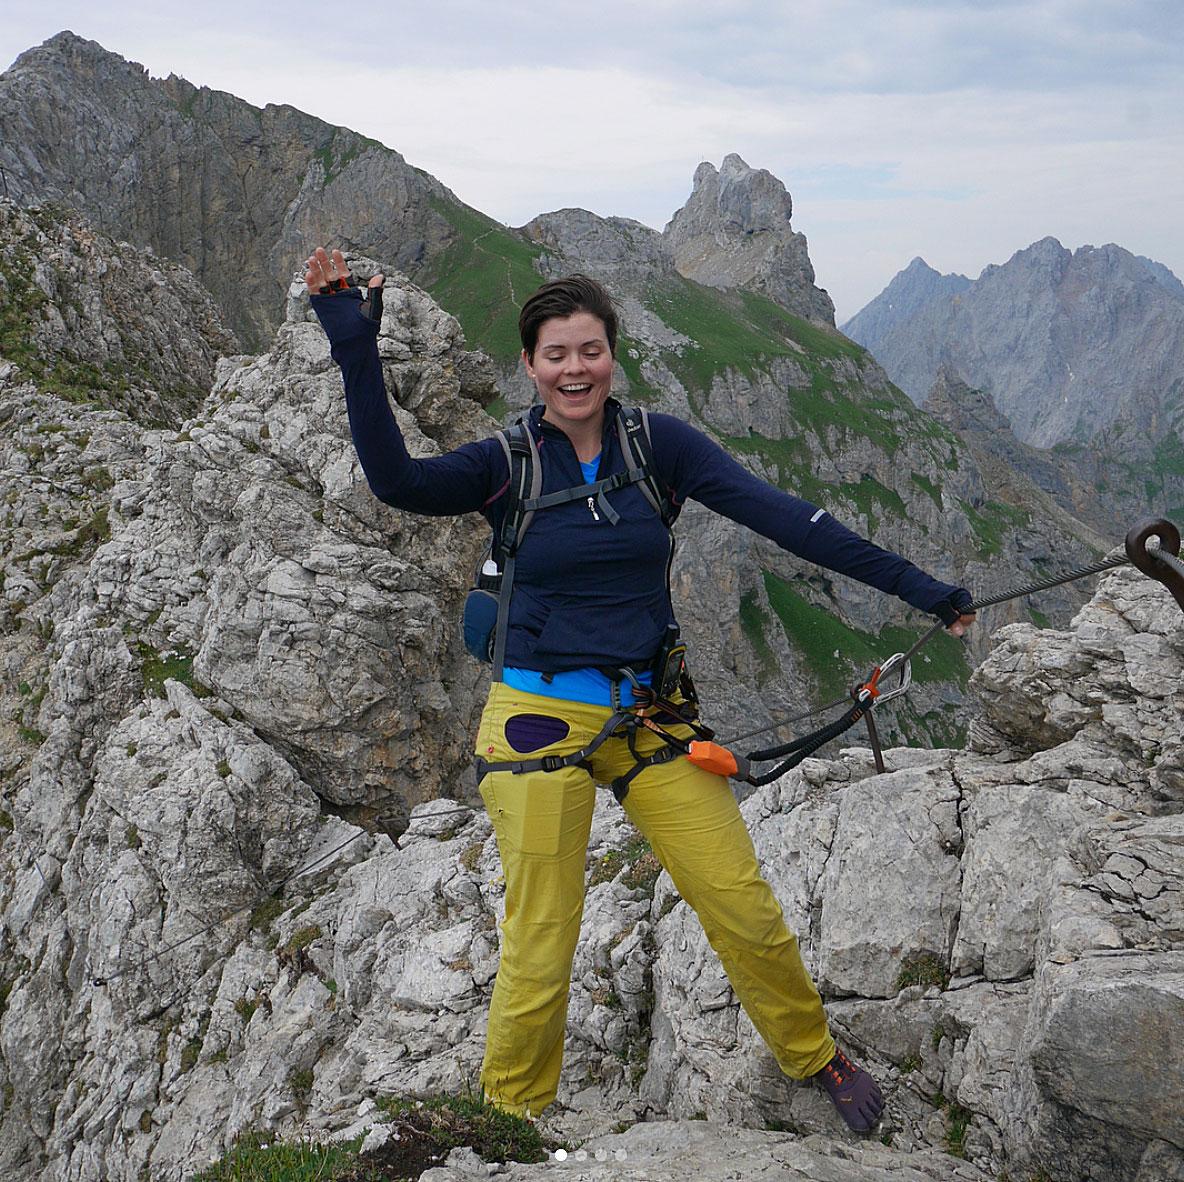 munichmountaingirls-philine-lietzmann-muenchen-berge-bergblog-muenchen-klettersteig